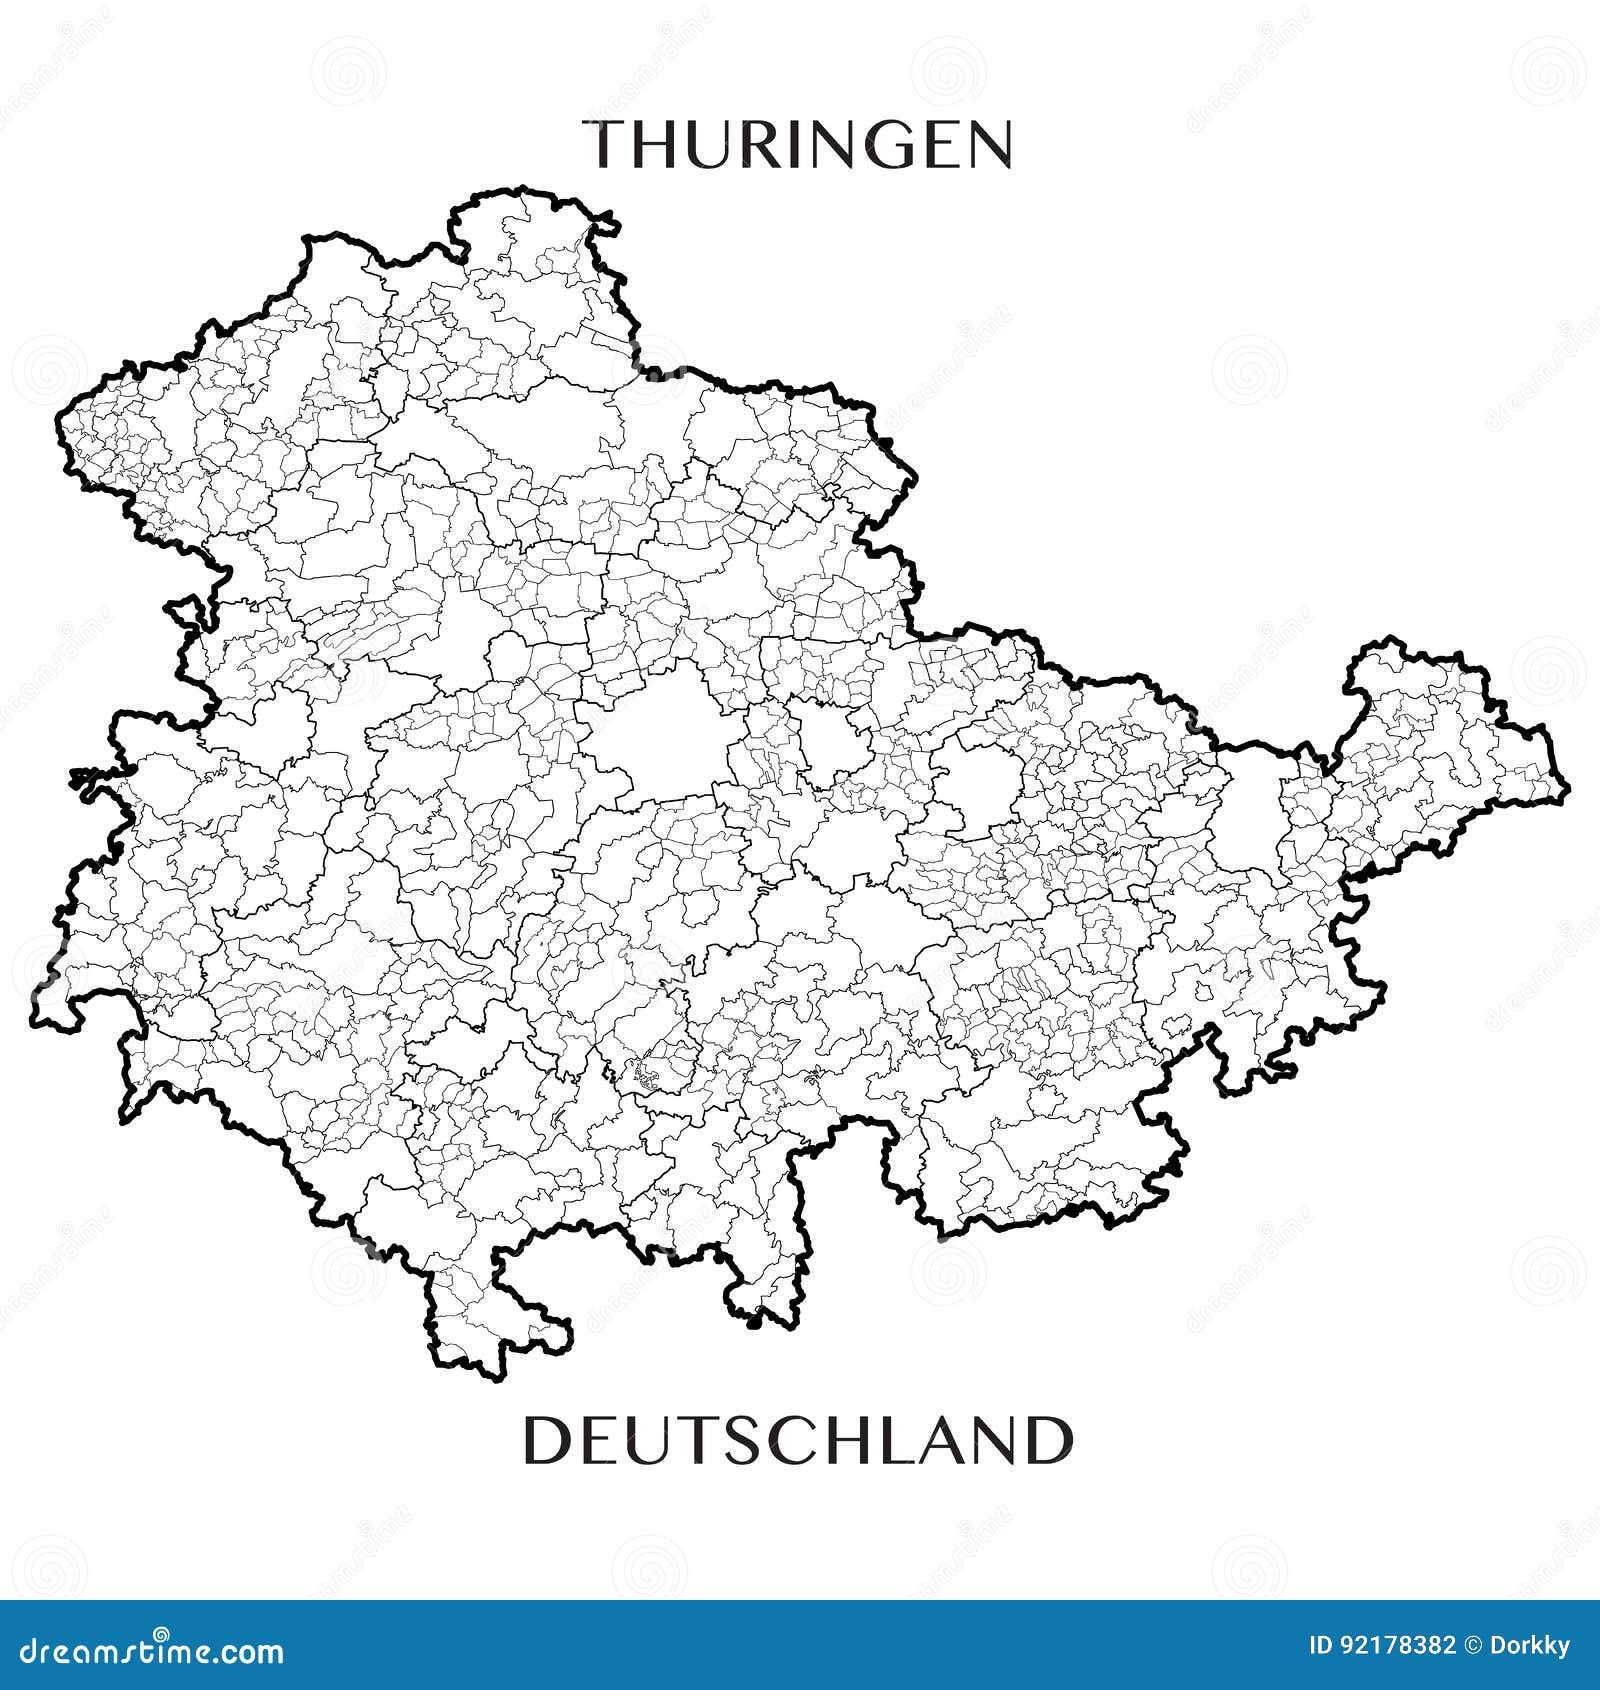 Carte Allemagne Thuringe.Dirigez La Carte De L Etat Gratuit Federal De Thuringe Allemagne